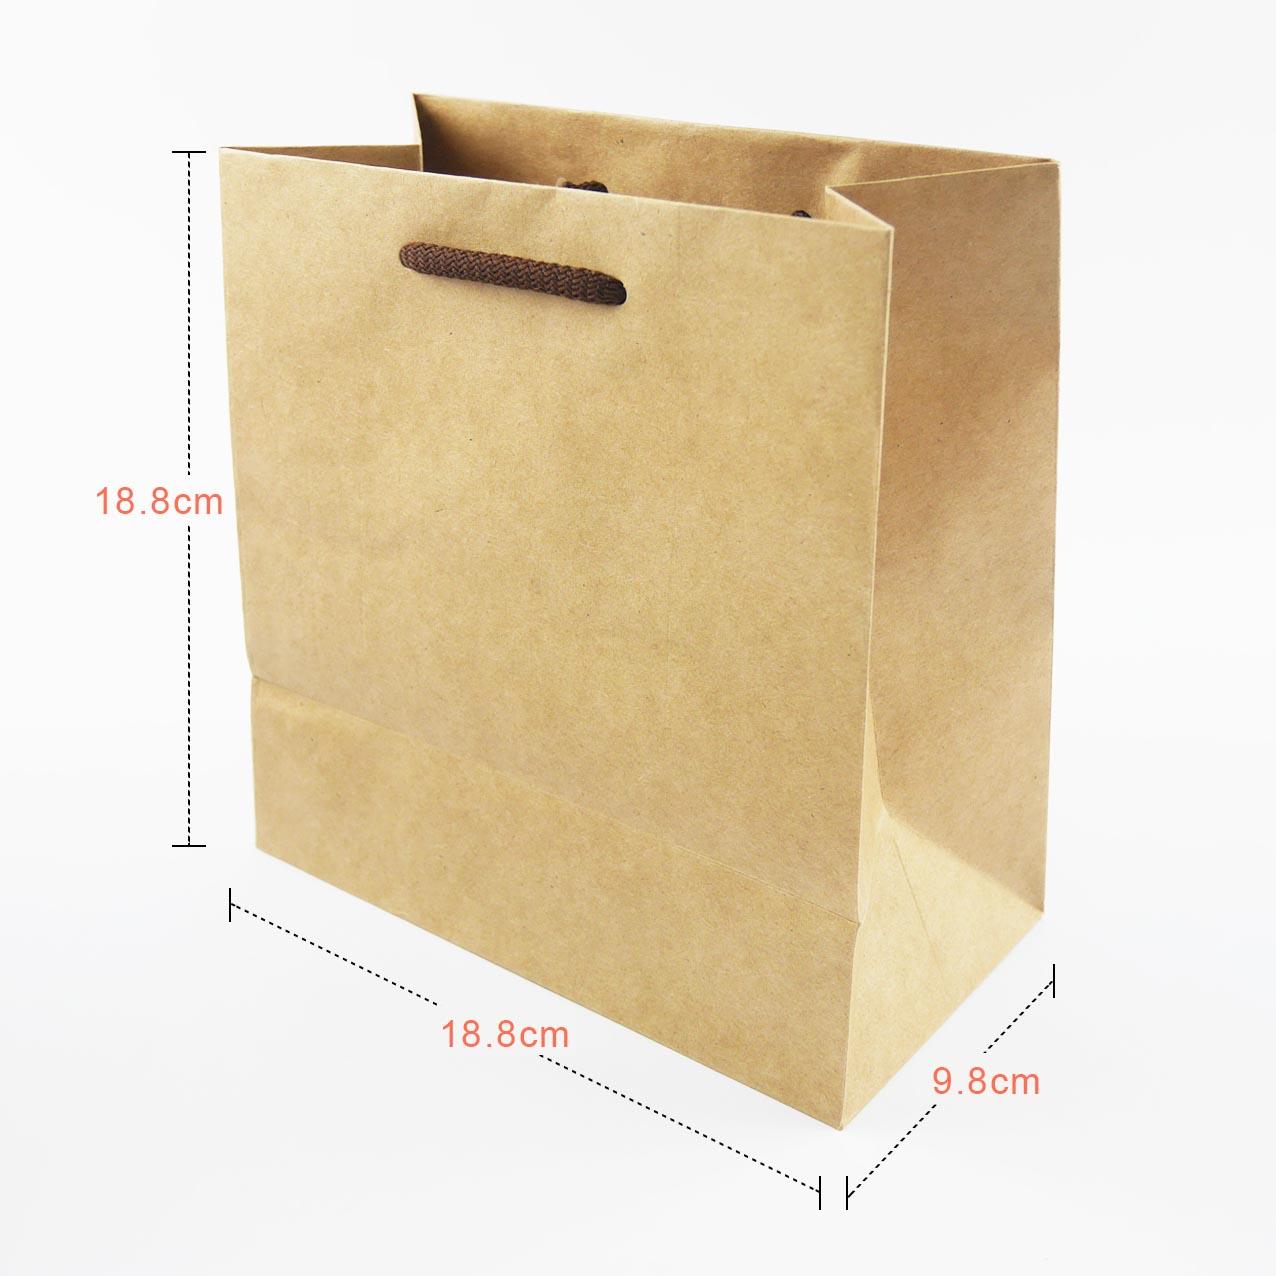 《袋袋相傳》M31 咖啡杯2入牛皮紙袋1.jpg